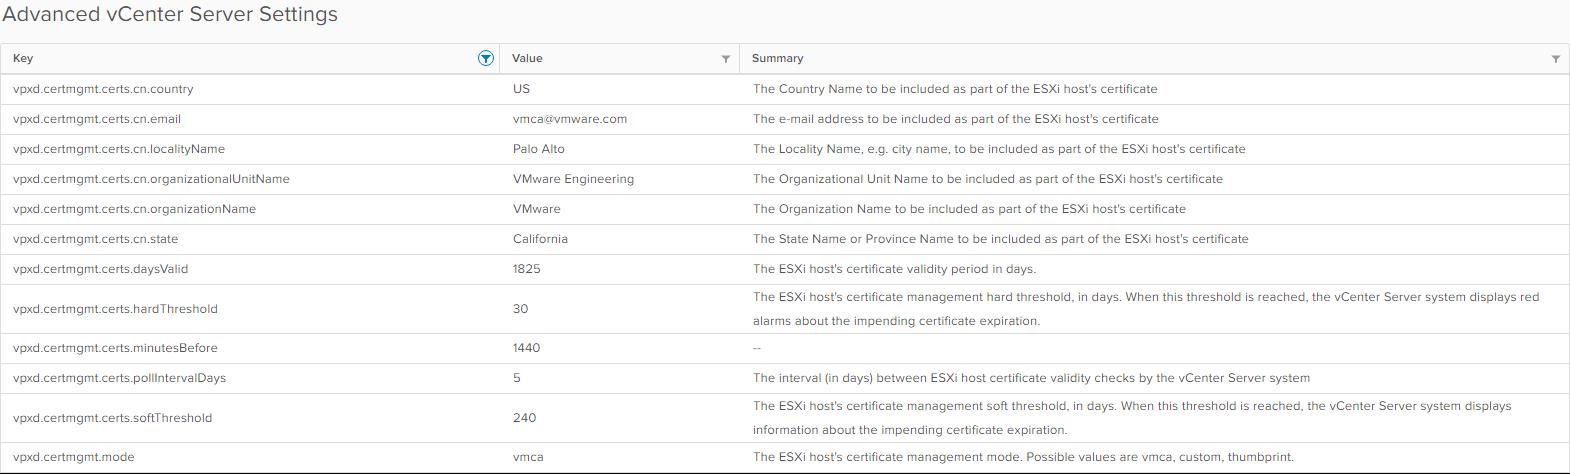 VMware vCenter Certificate Management Default Values HTML5 Client View Settings